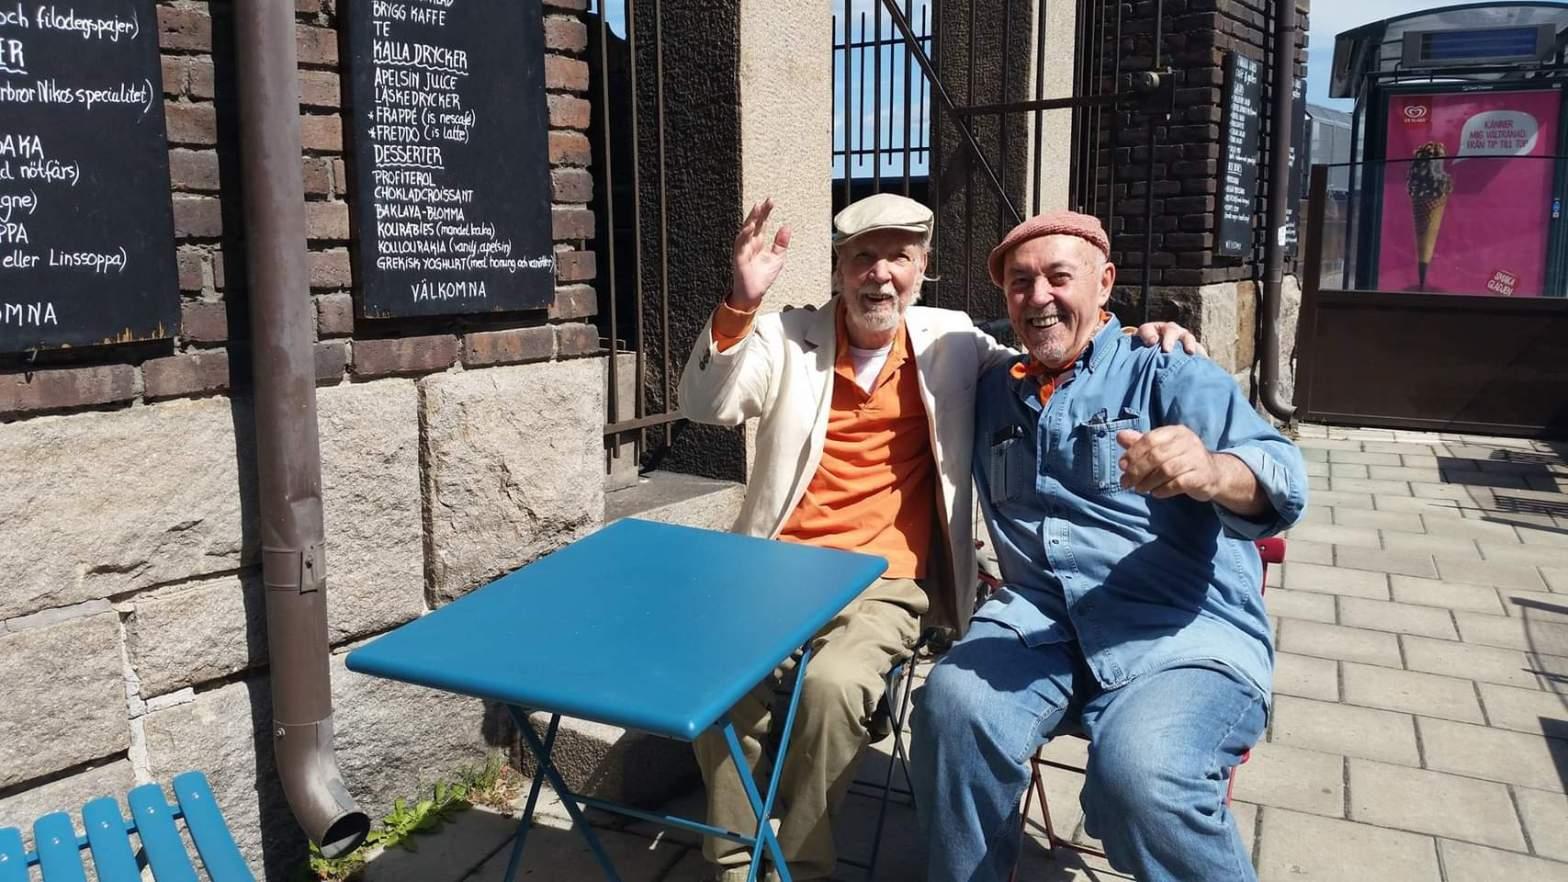 Olle Bonniér och Nikos på caféets uteservering på Katarinavägen på Södermalm